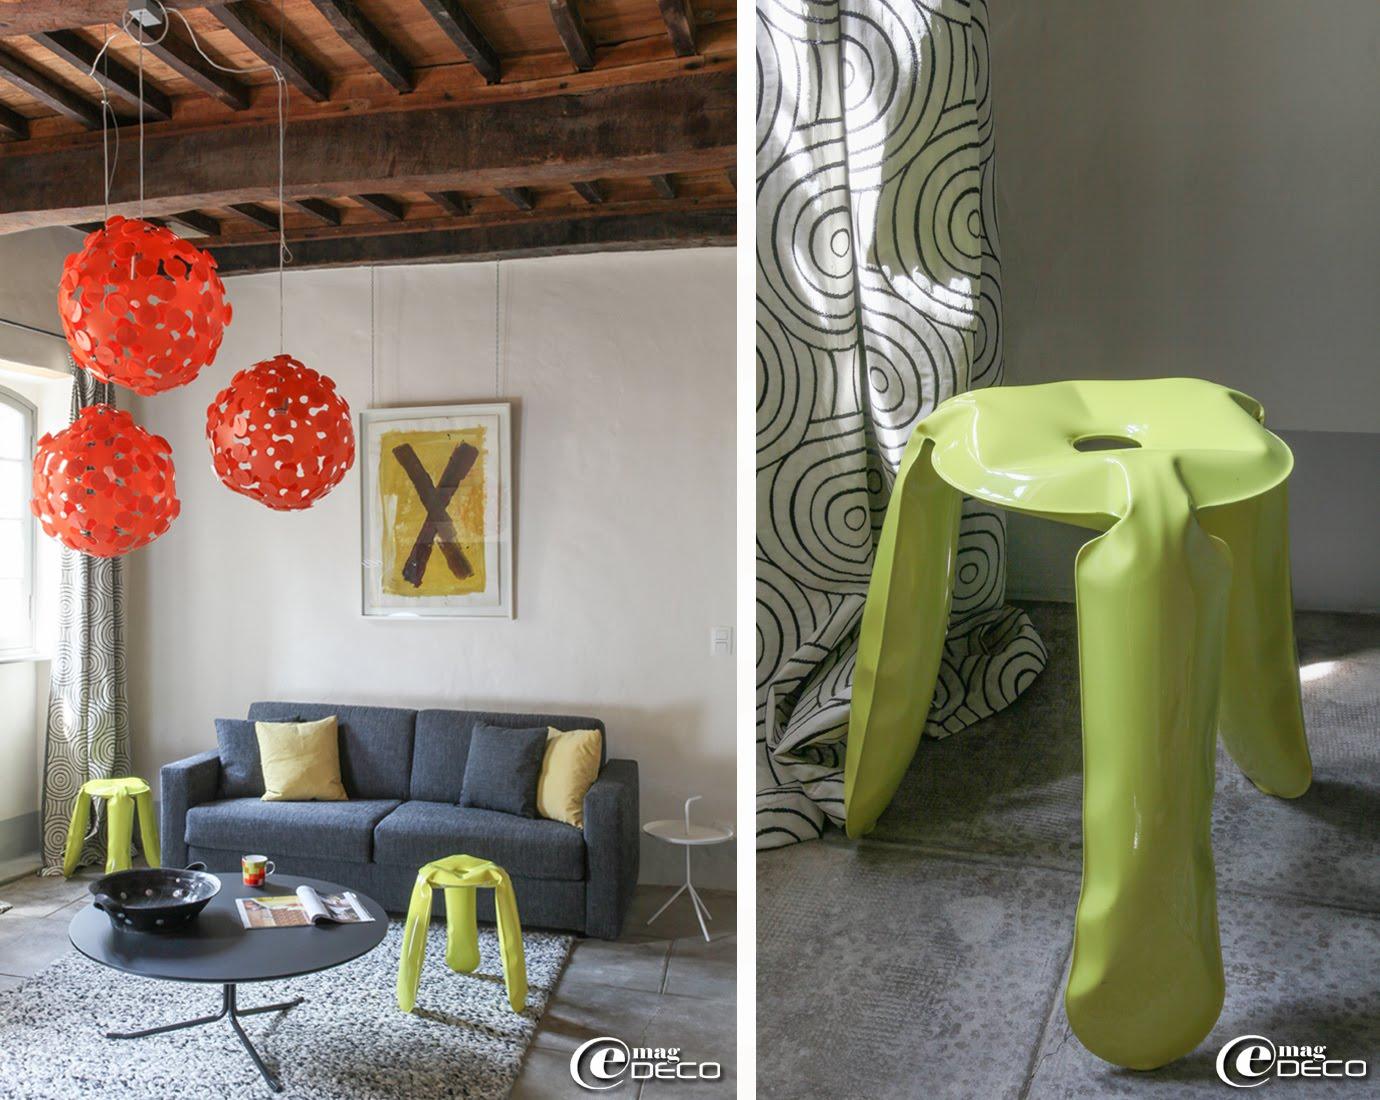 Tabouret en acier laqué gonflé Plopp imaginé par le designer polonais Oskar Zieta pour HAY